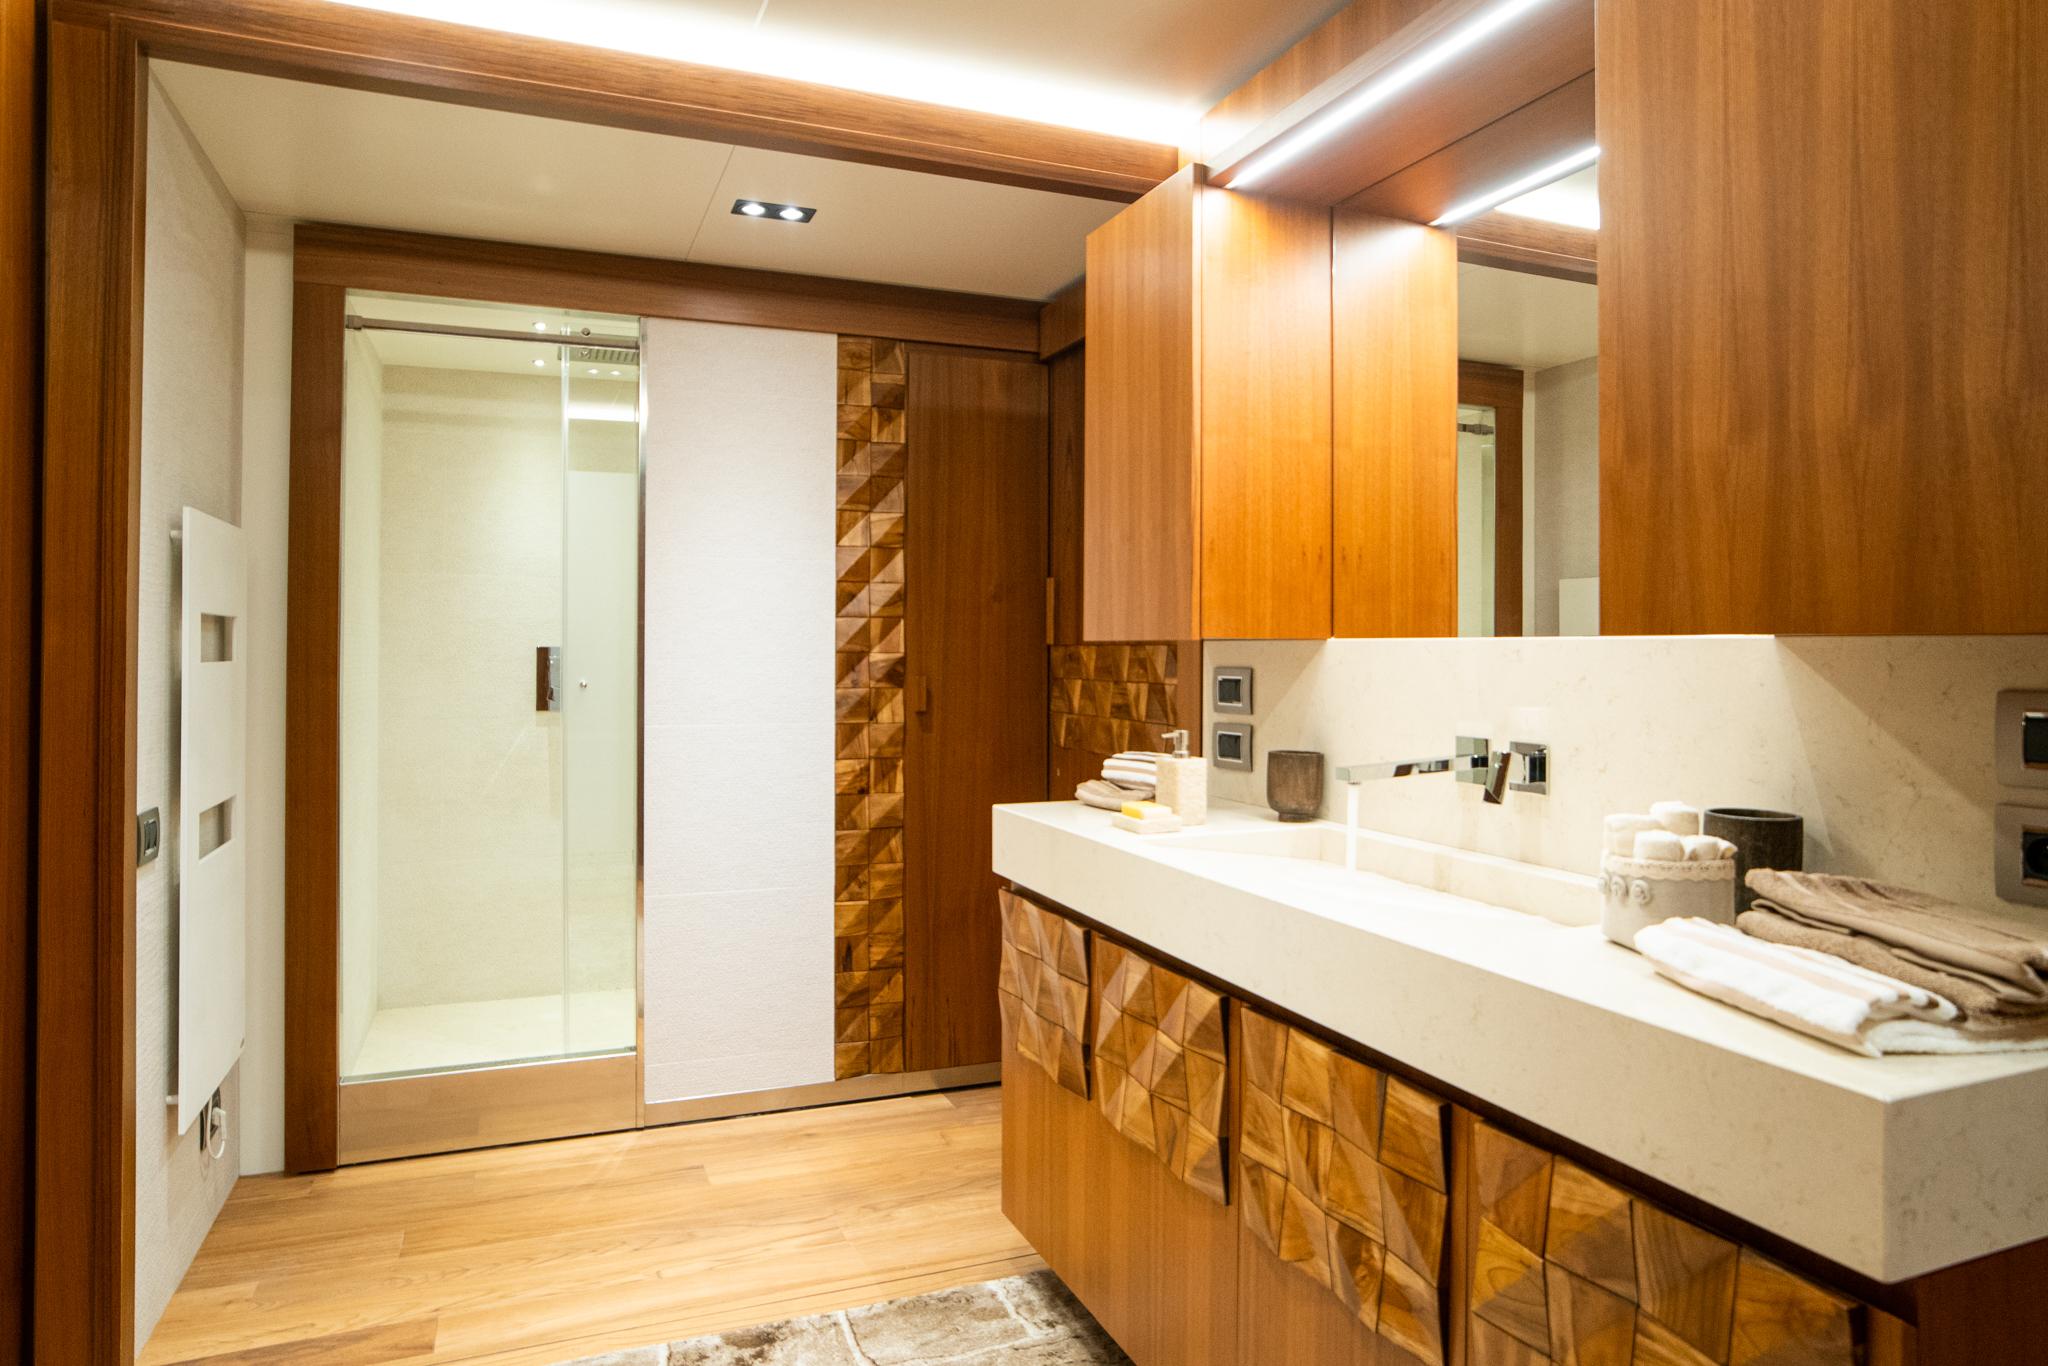 Luksusowa łazienka w przyczepie mieszkalnej